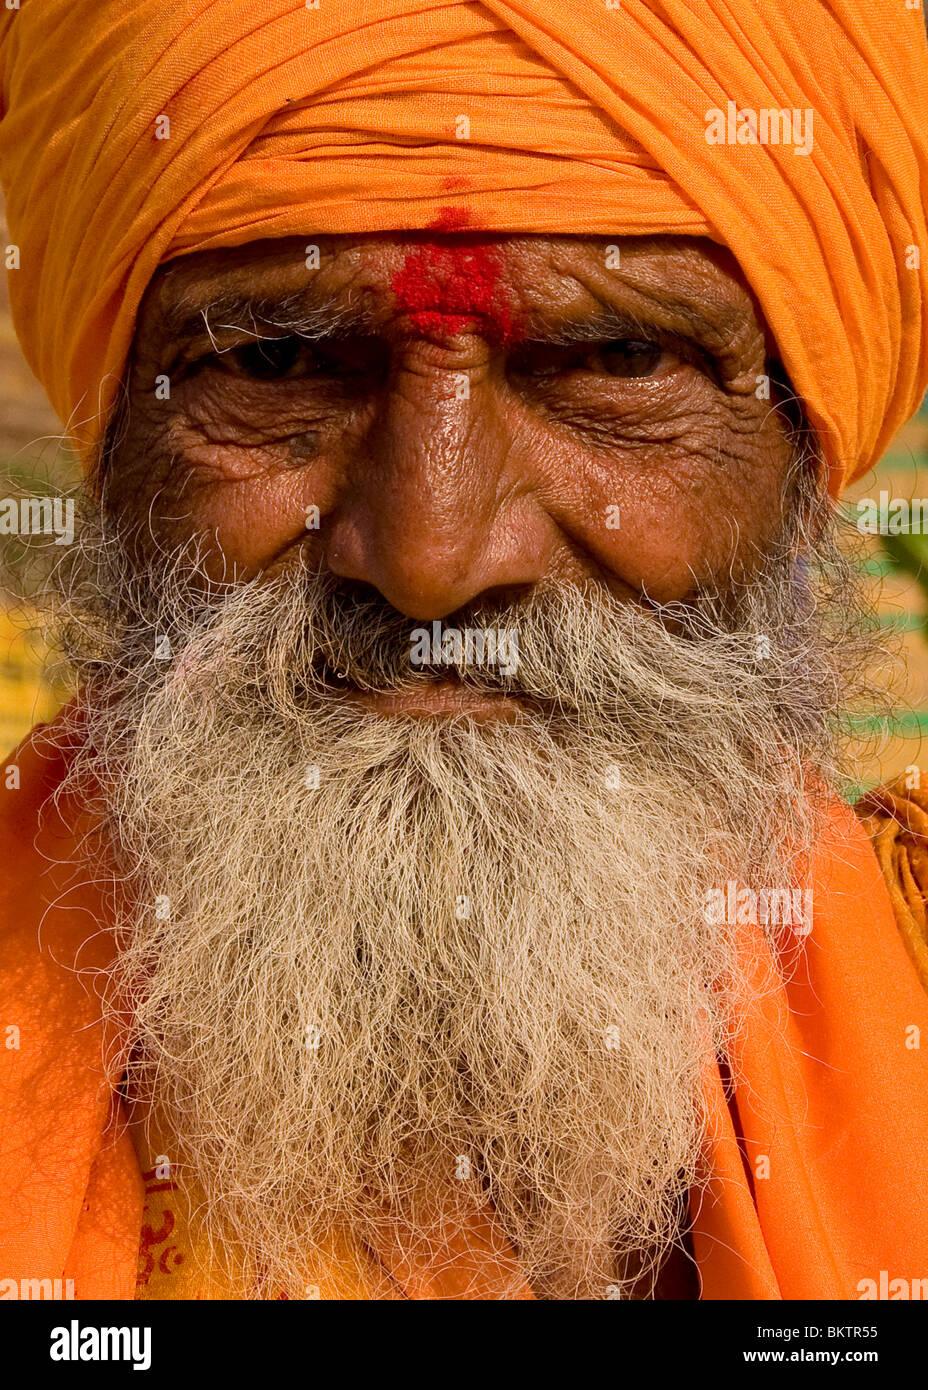 Saint Homme, Varanasi, Inde Photo Stock